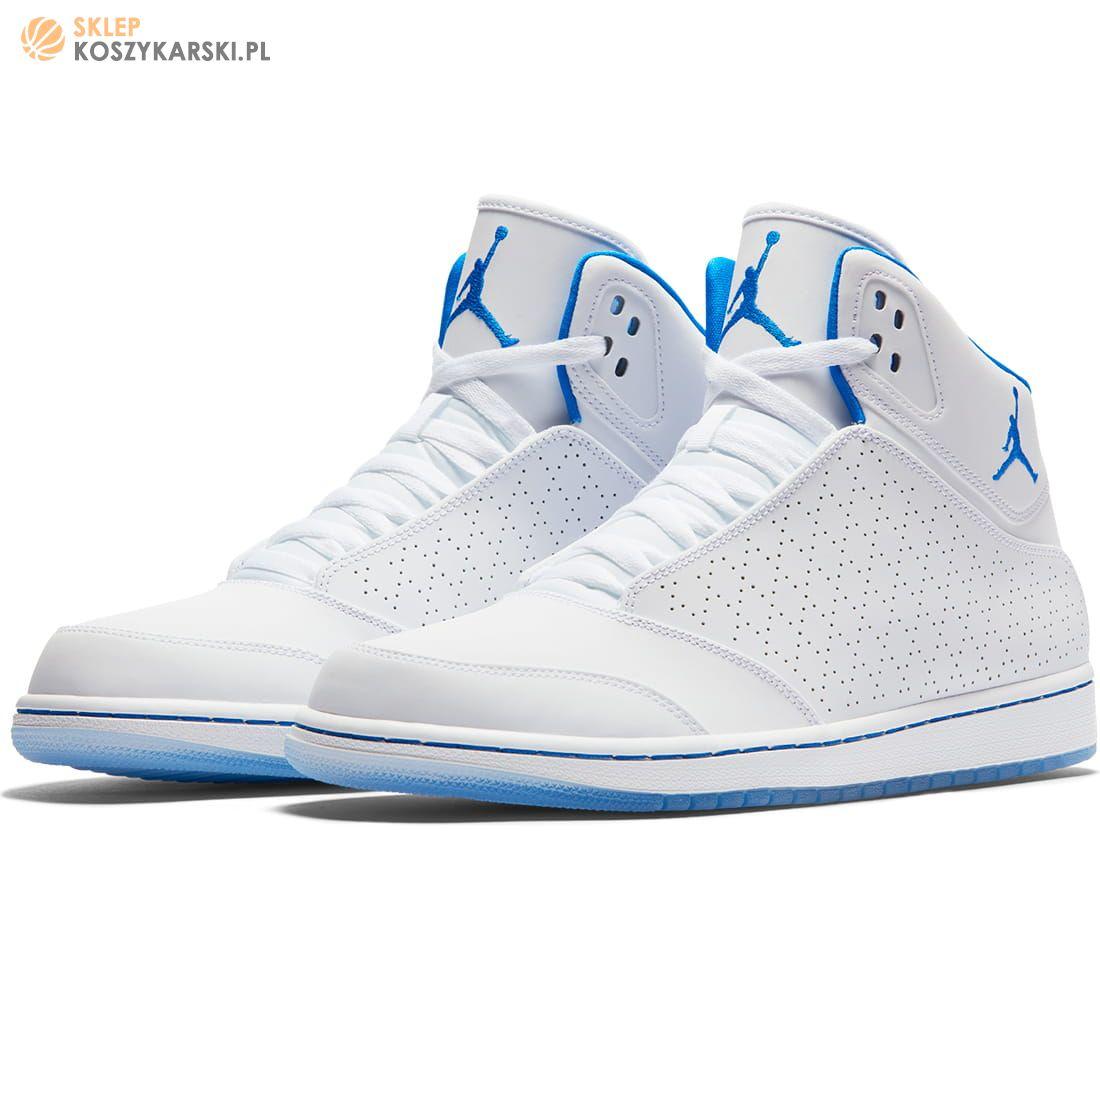 Buty Air Jordan 1 Flight 5 Premium Shoes 881434 012